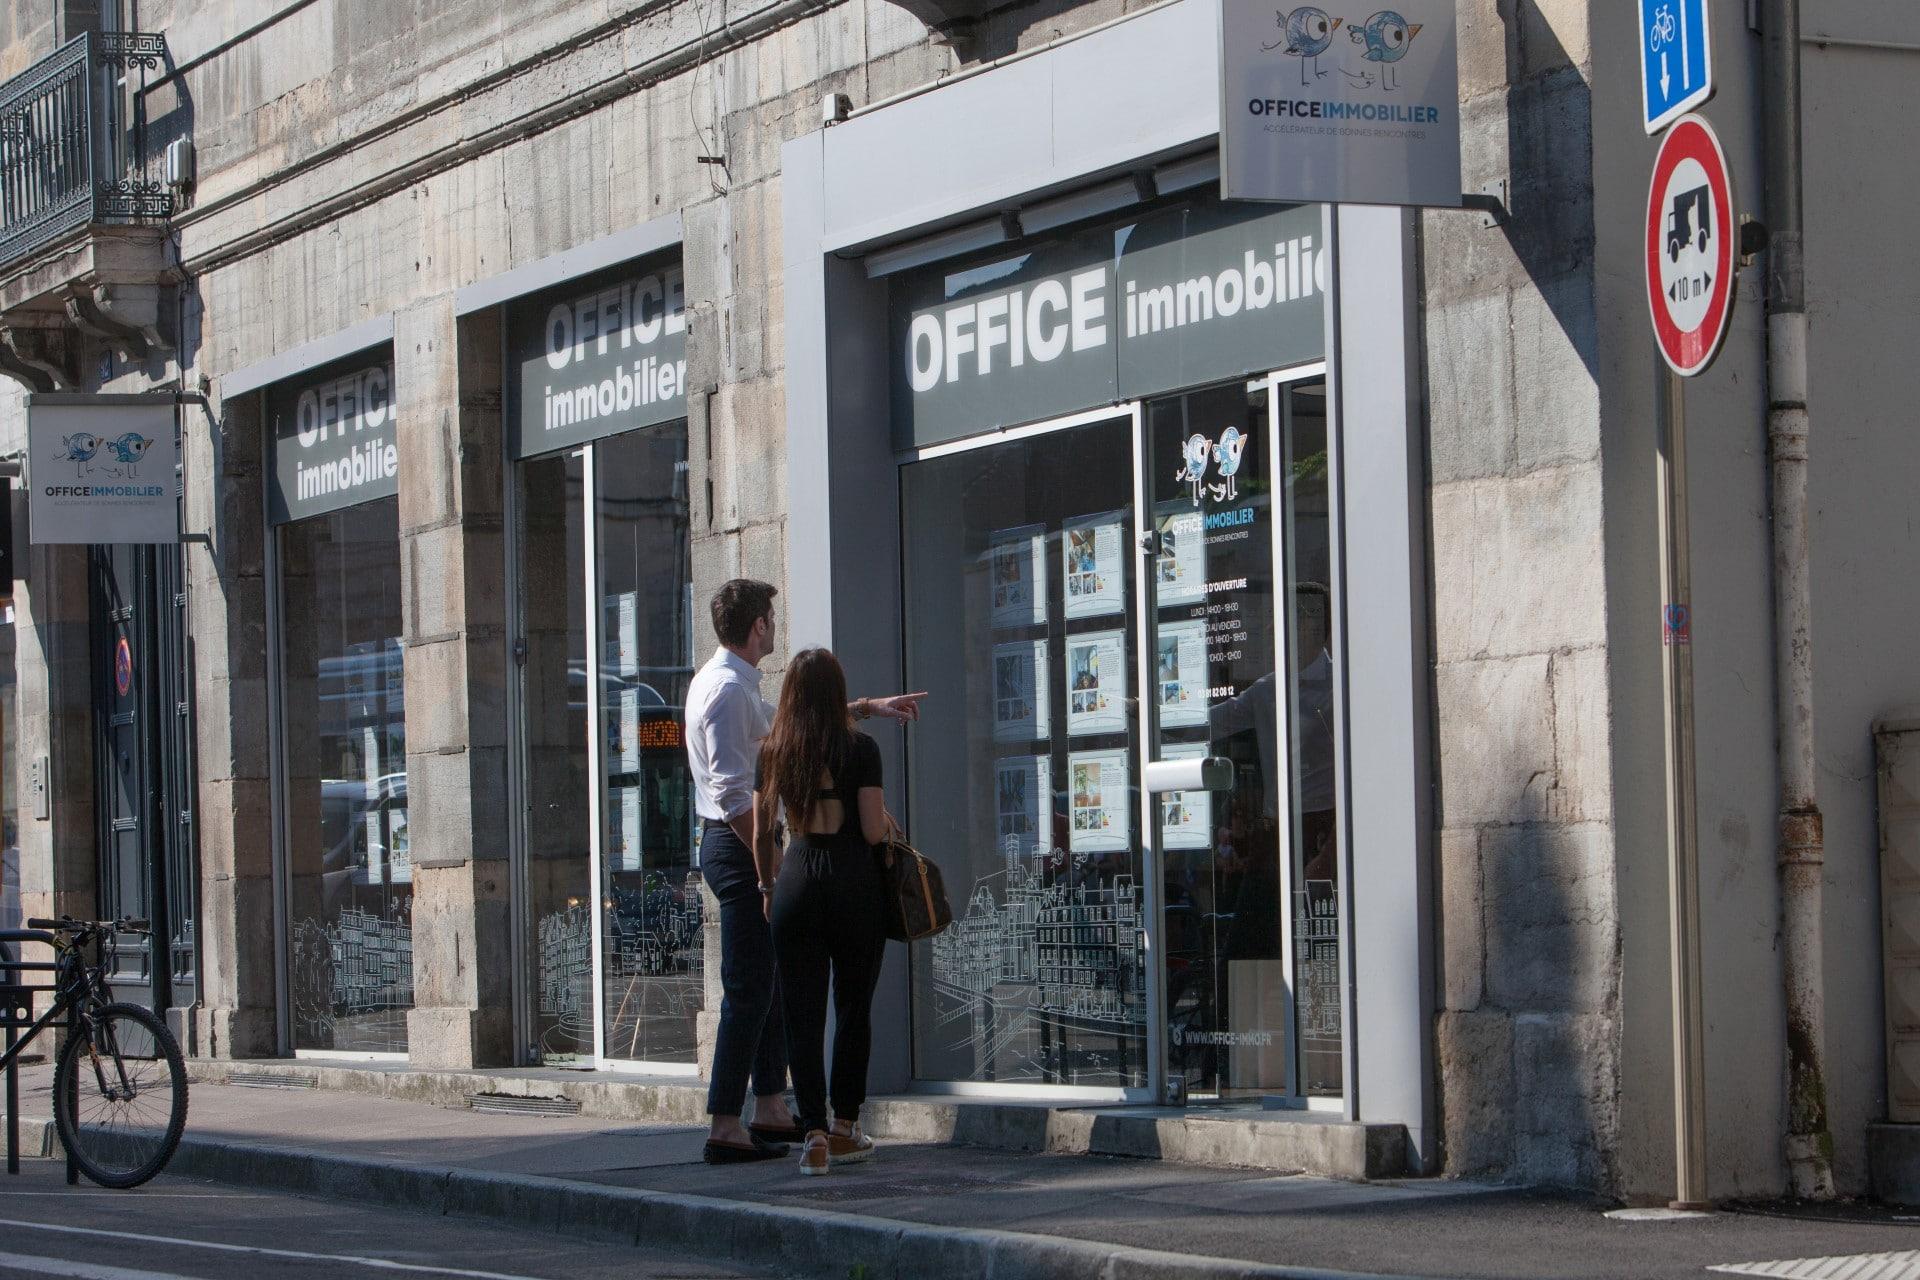 Office Immobilier Metier